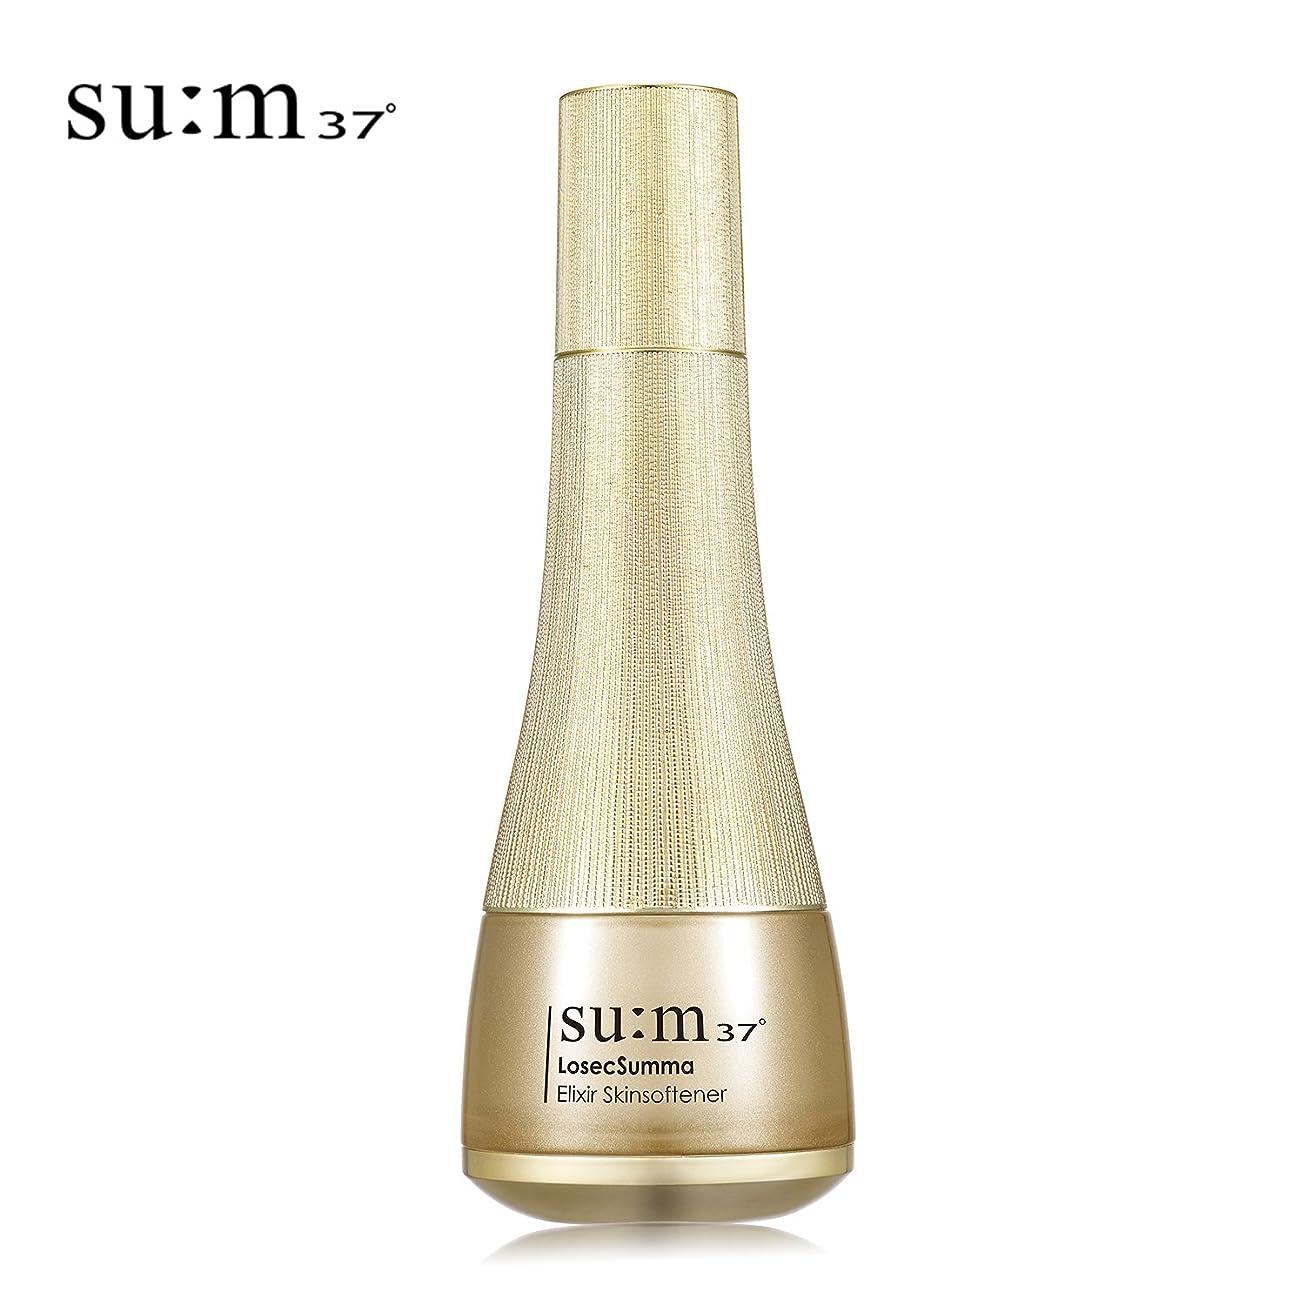 騒乱相対性理論限られた[su:m37/スム37°] Sum 37 LOSEC SUMMA ELIXIR Skin softener 150 ml/ スム37 LOSEC SUMMA ELIXIR スキンソフトナー 150ml + [Sample Gift](海外直送品)